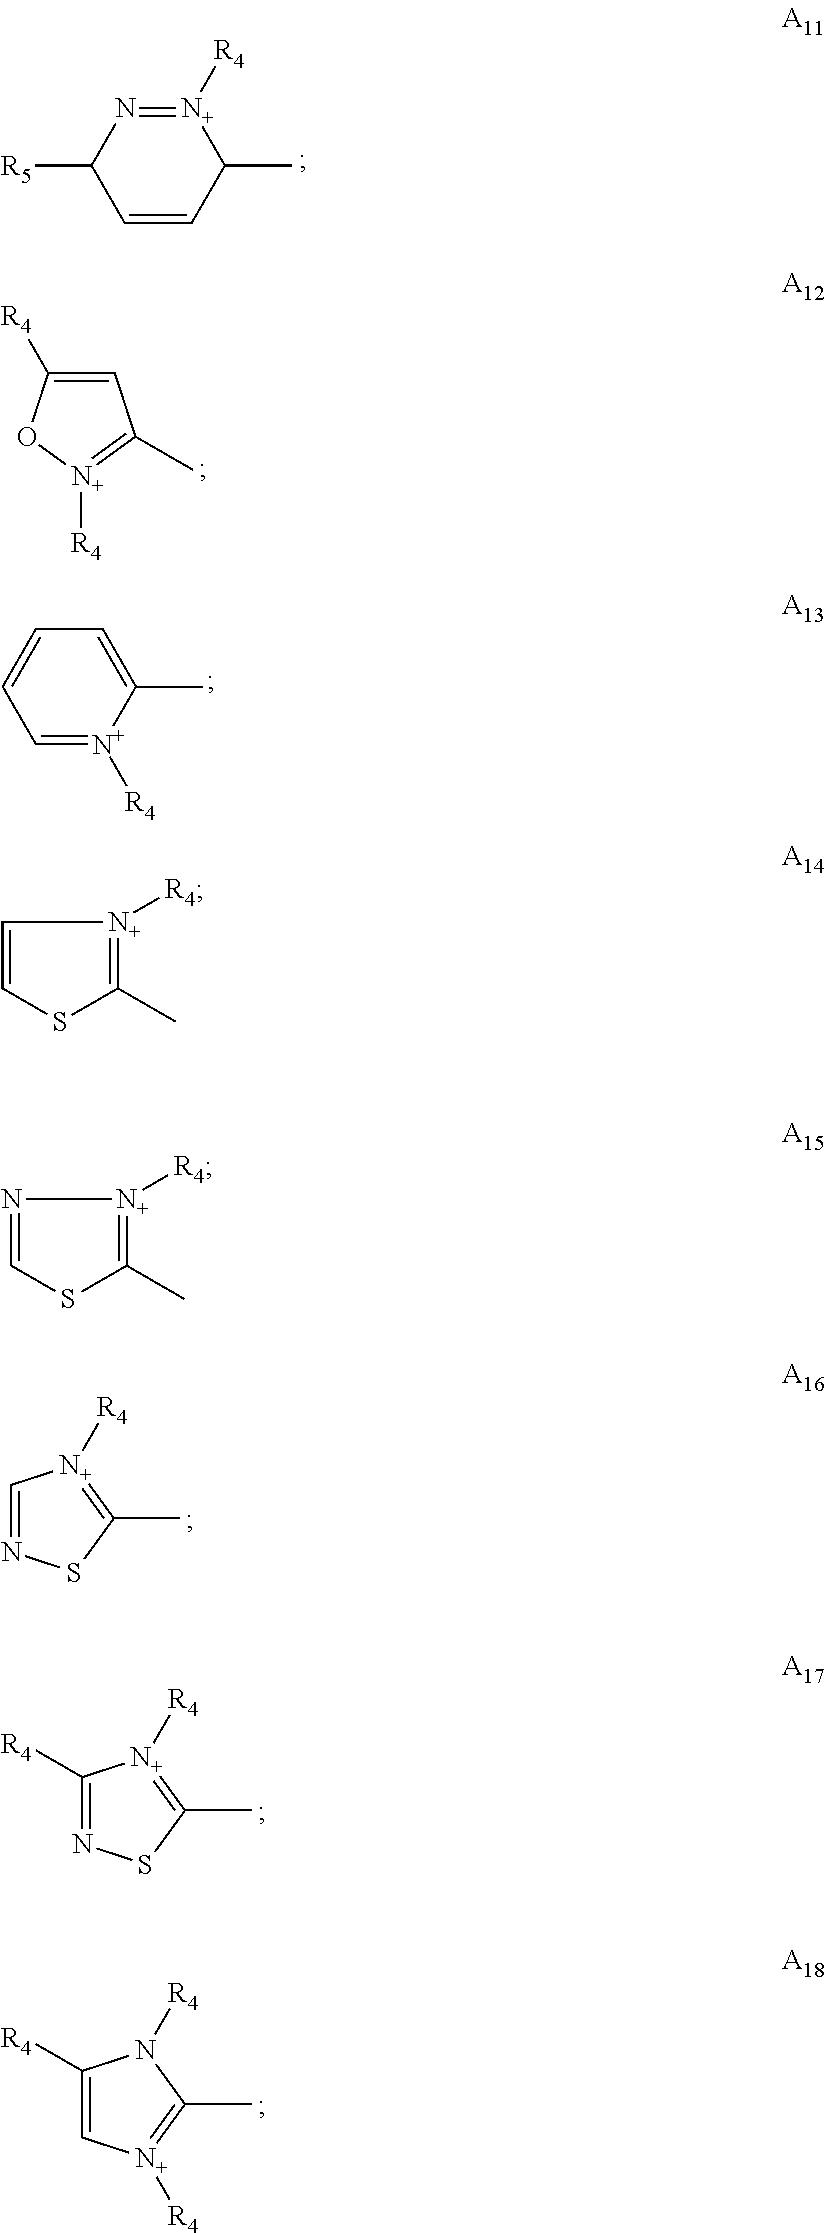 Figure US08088173-20120103-C00003